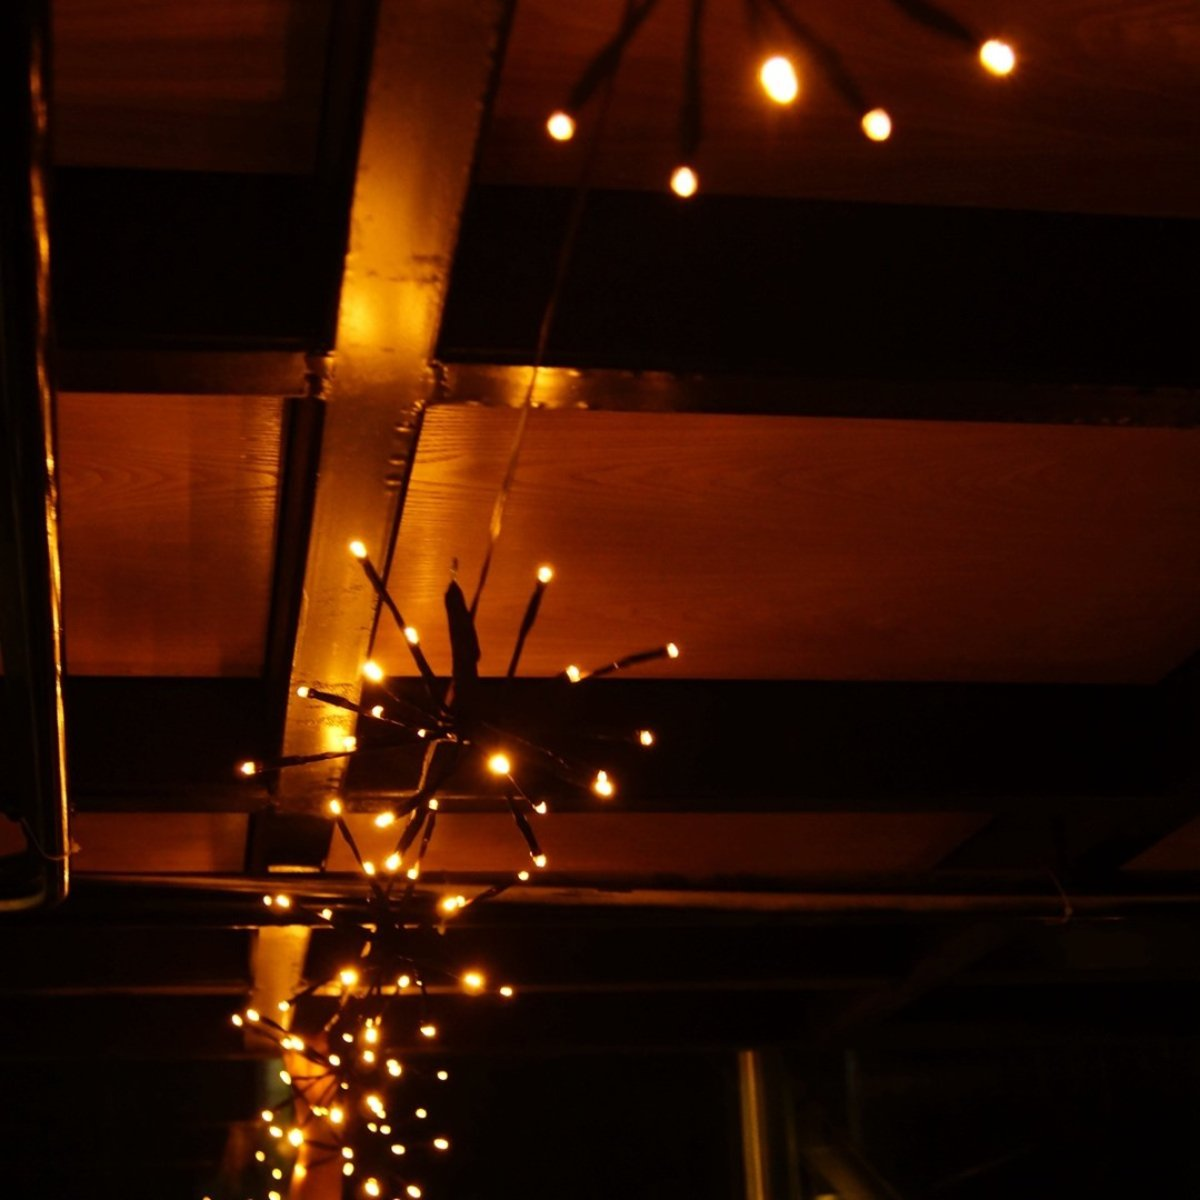 Led kluster verlichting - 10 meter - warm wit - 136 leds kopen